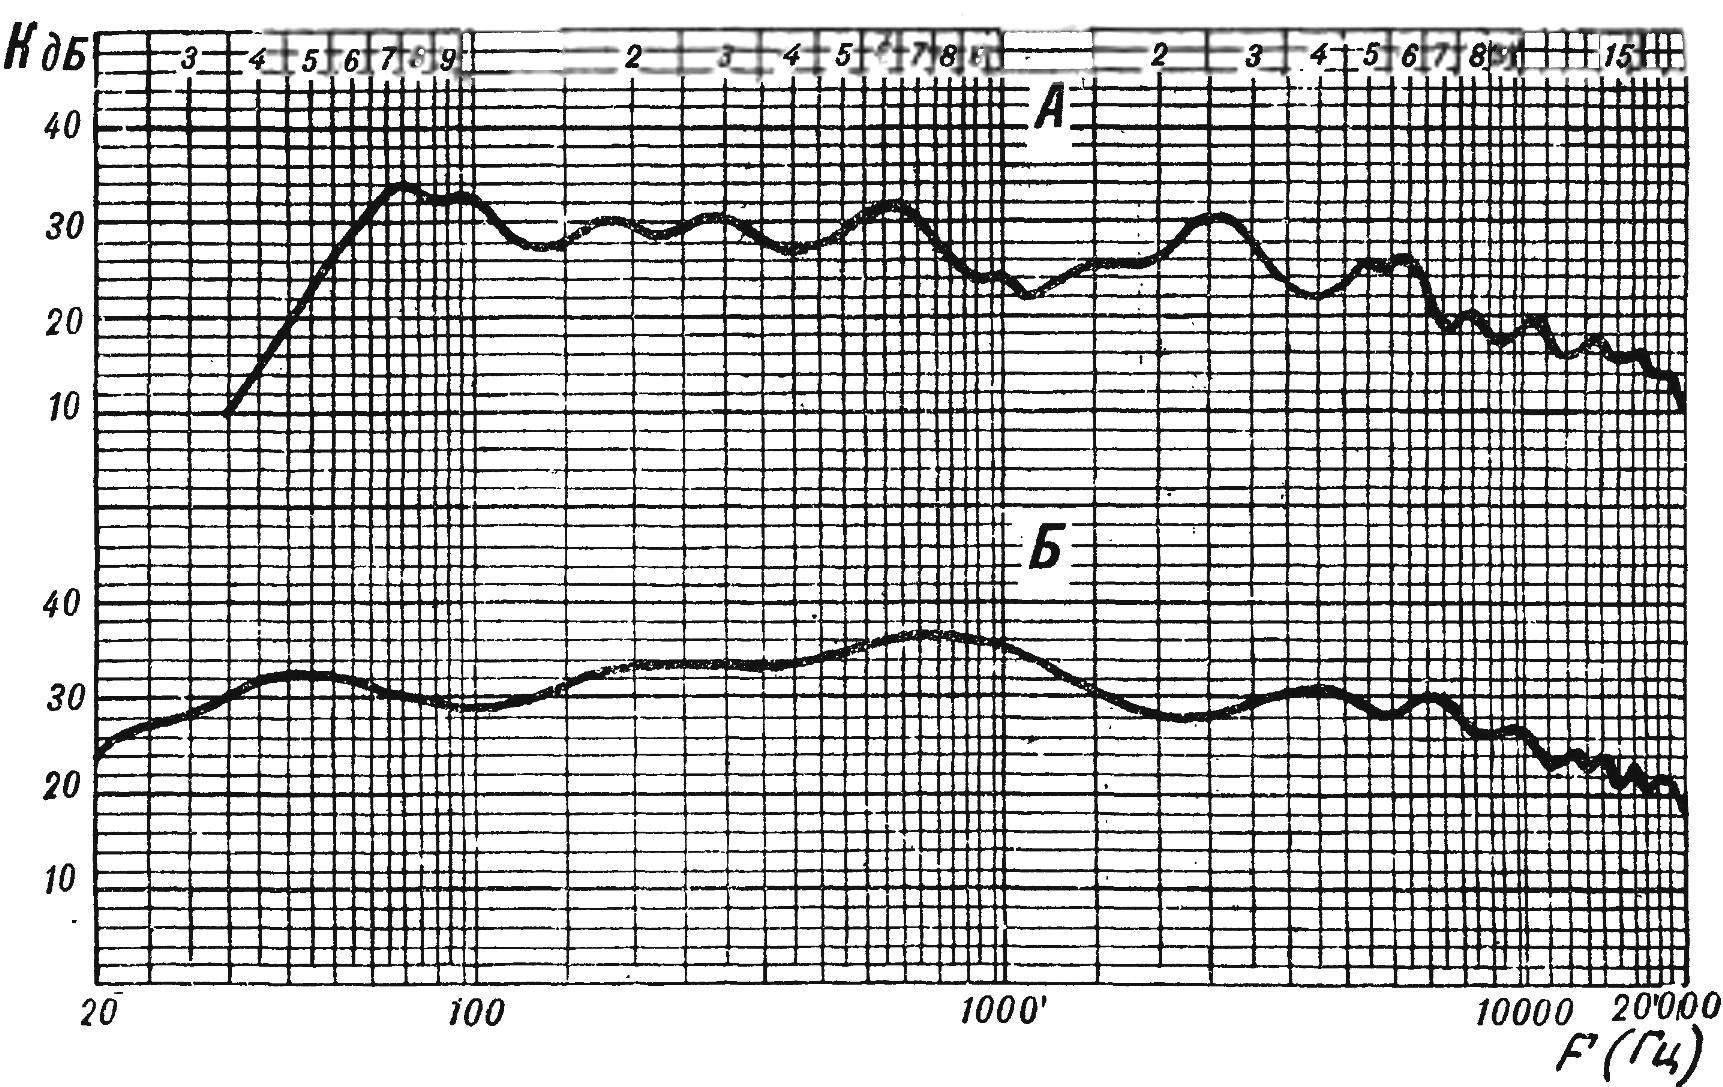 Рис. 1. Сравнительные частотные характеристики звукового давления